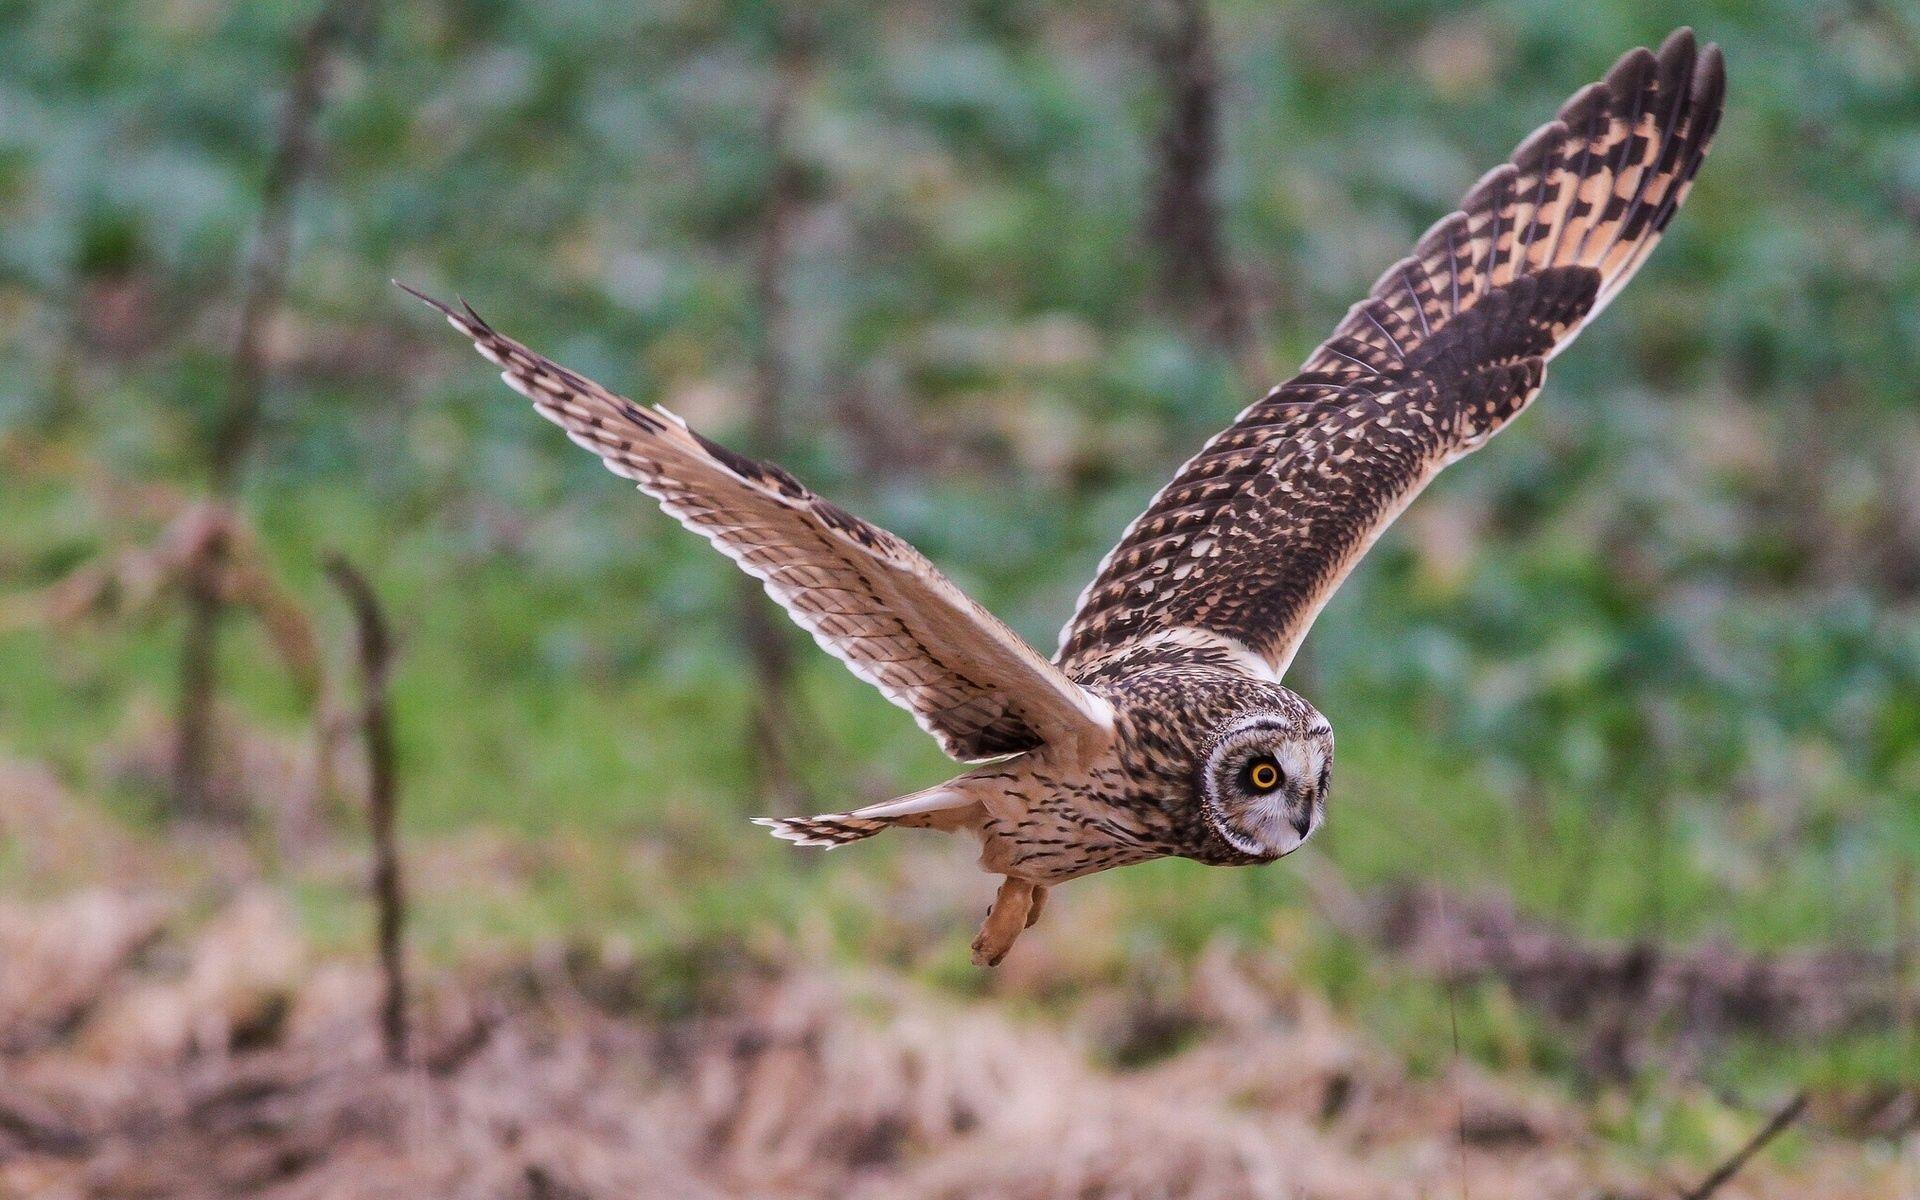 143431 Hintergrundbild herunterladen Eule, Tiere, Vogel, Welle, Fegen - Bildschirmschoner und Bilder kostenlos